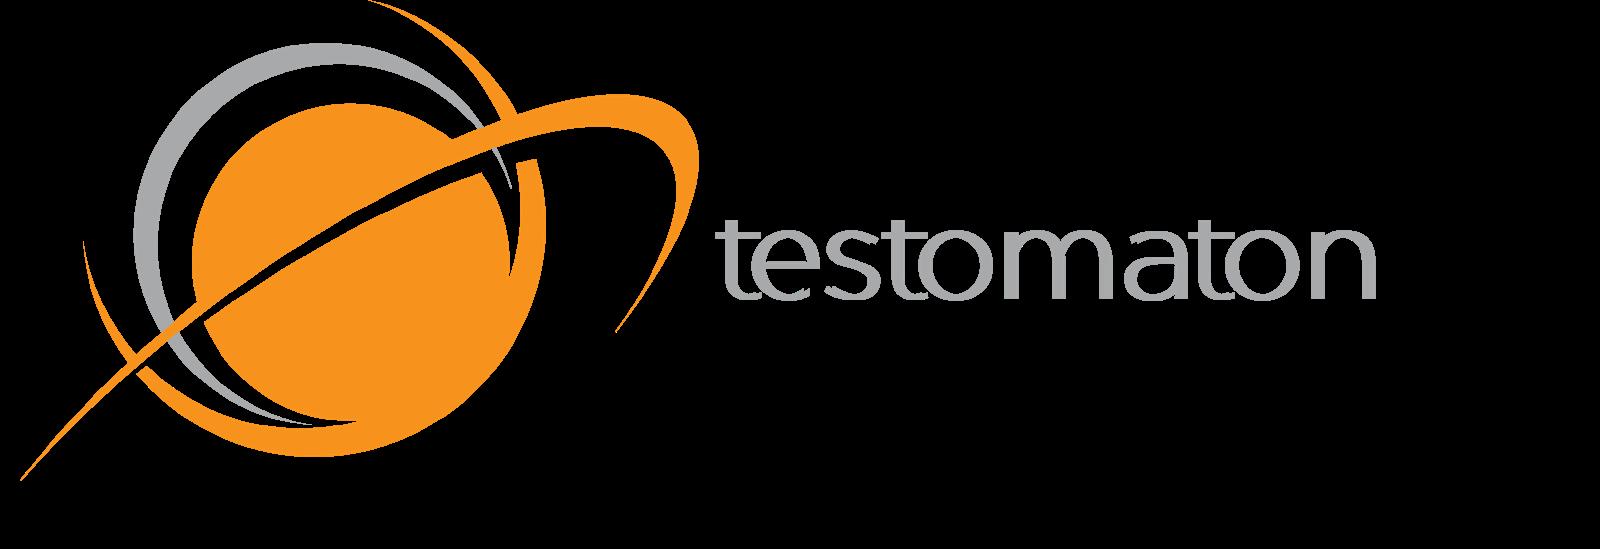 testomaton